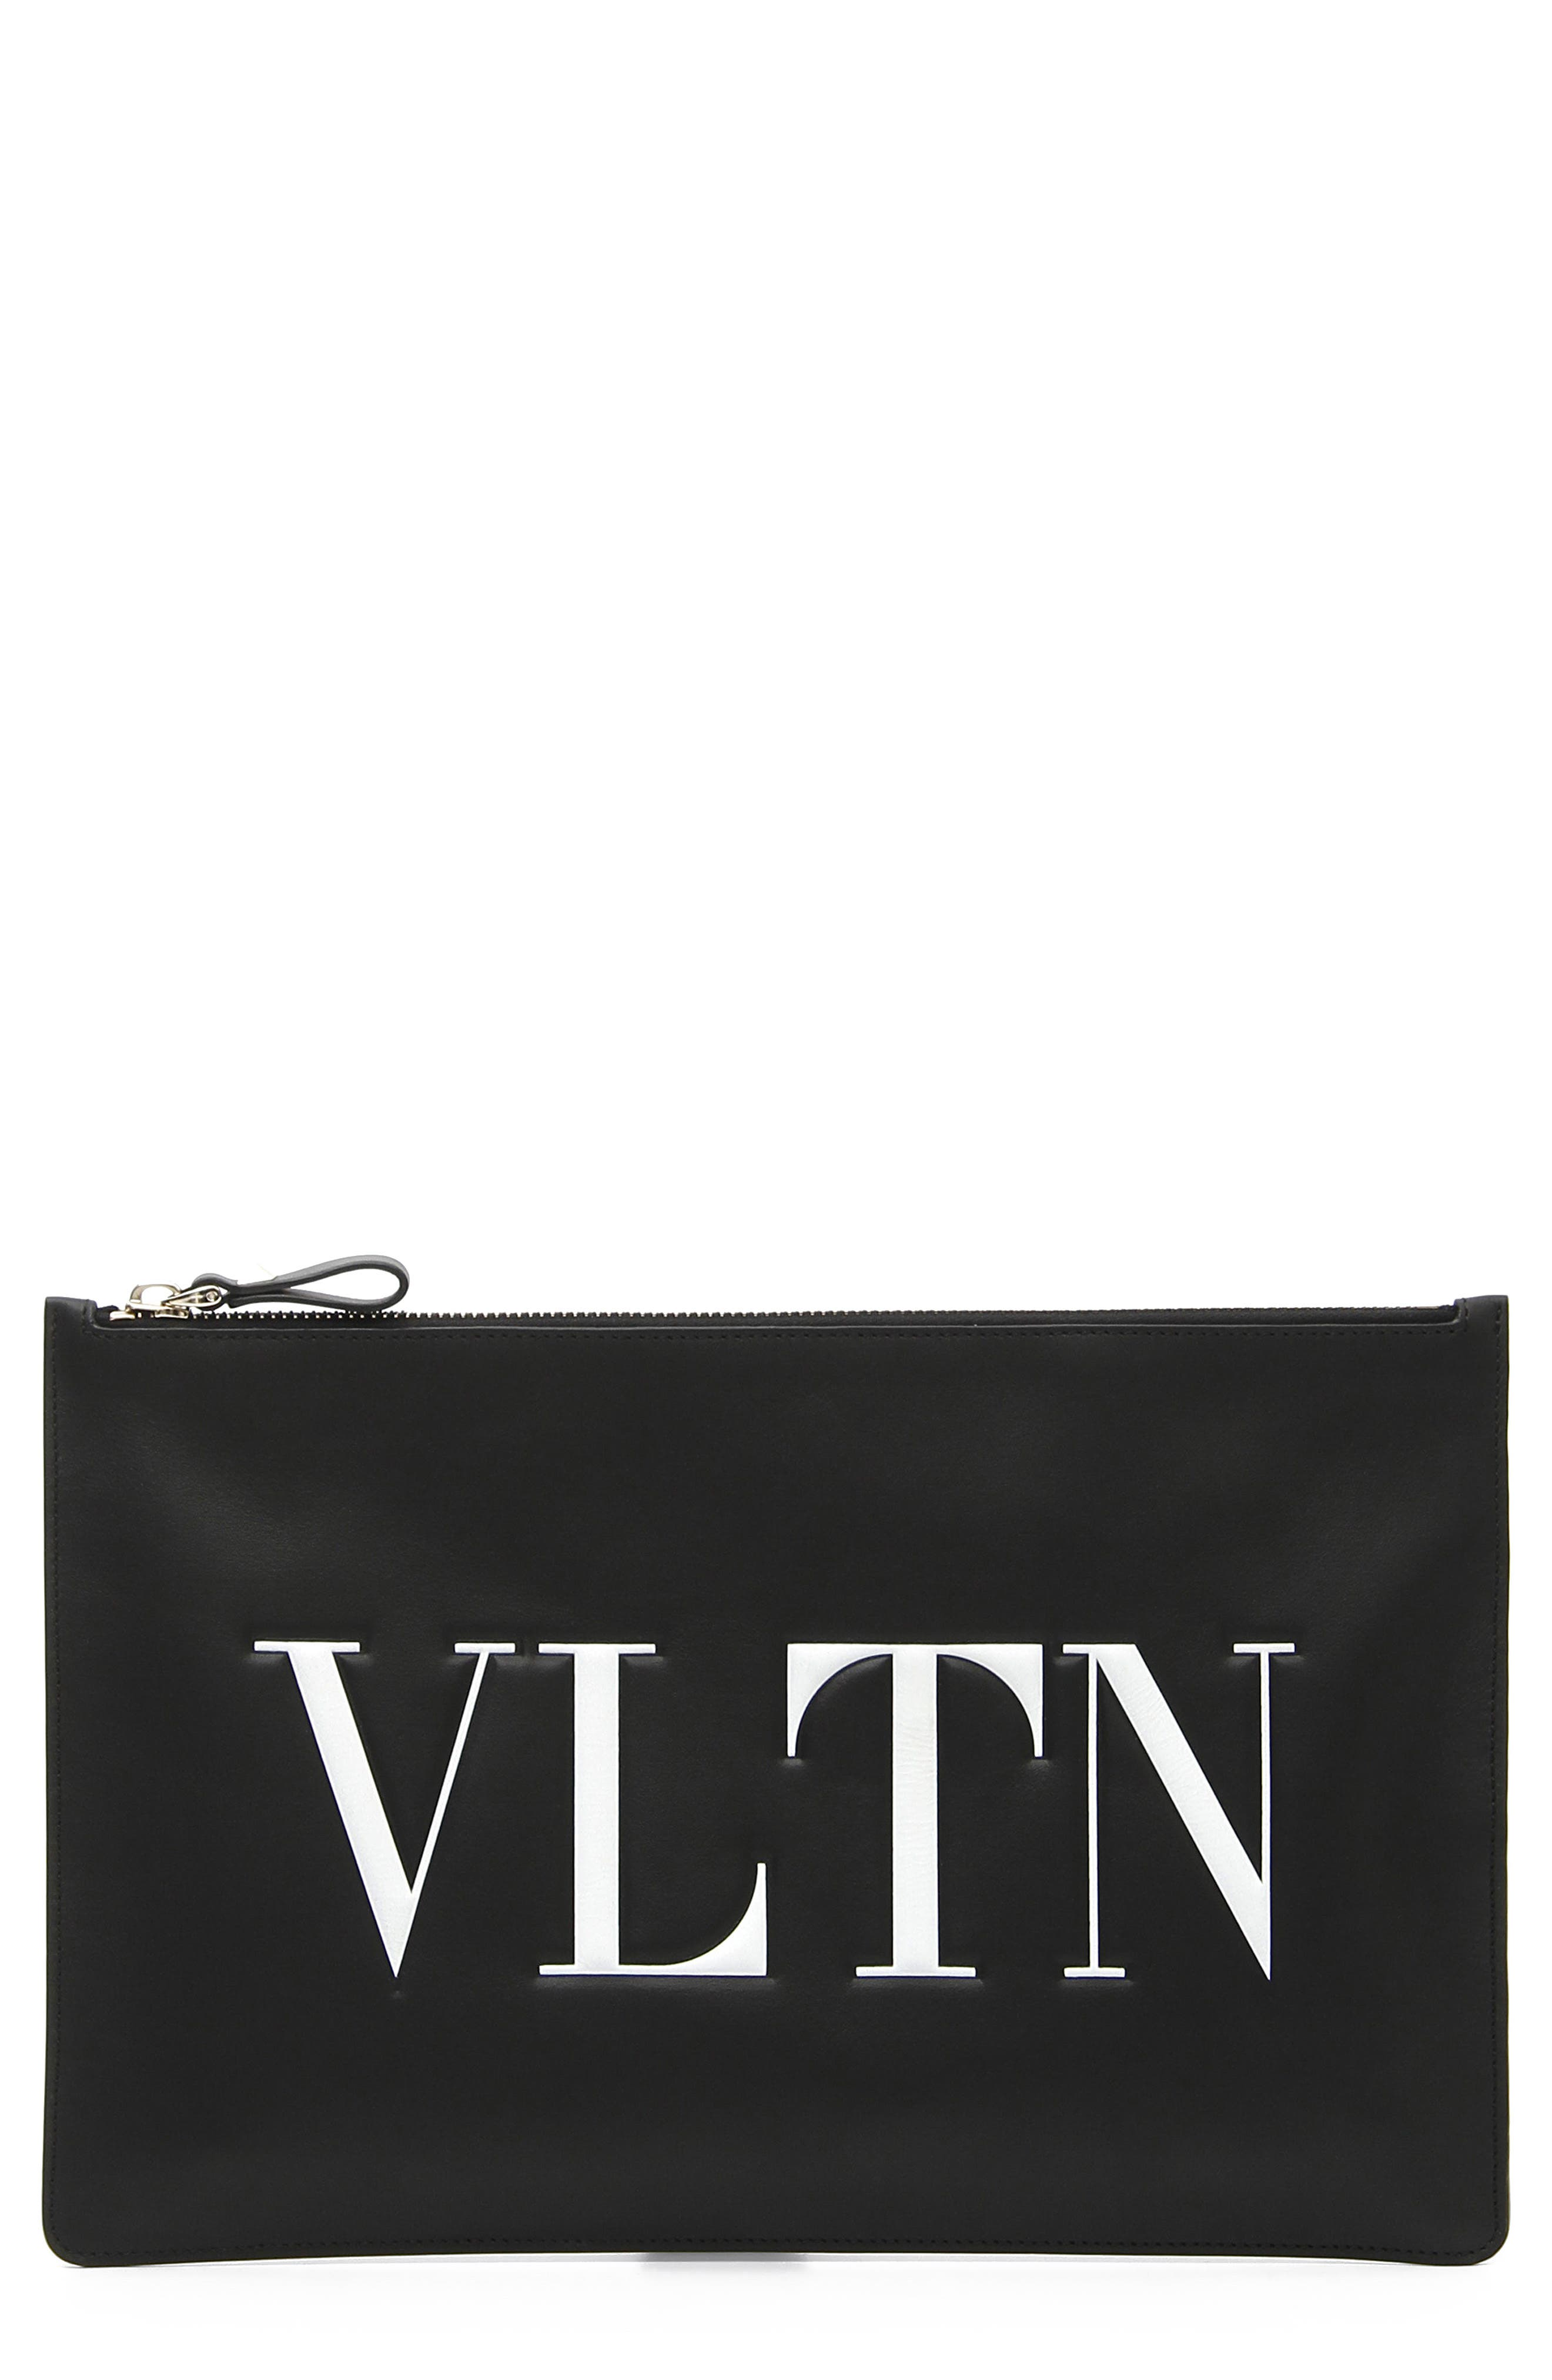 VALENTINO GARAVANI Logo Graphic Flat Leather Pouch, Main, color, NERO/ BIANCO